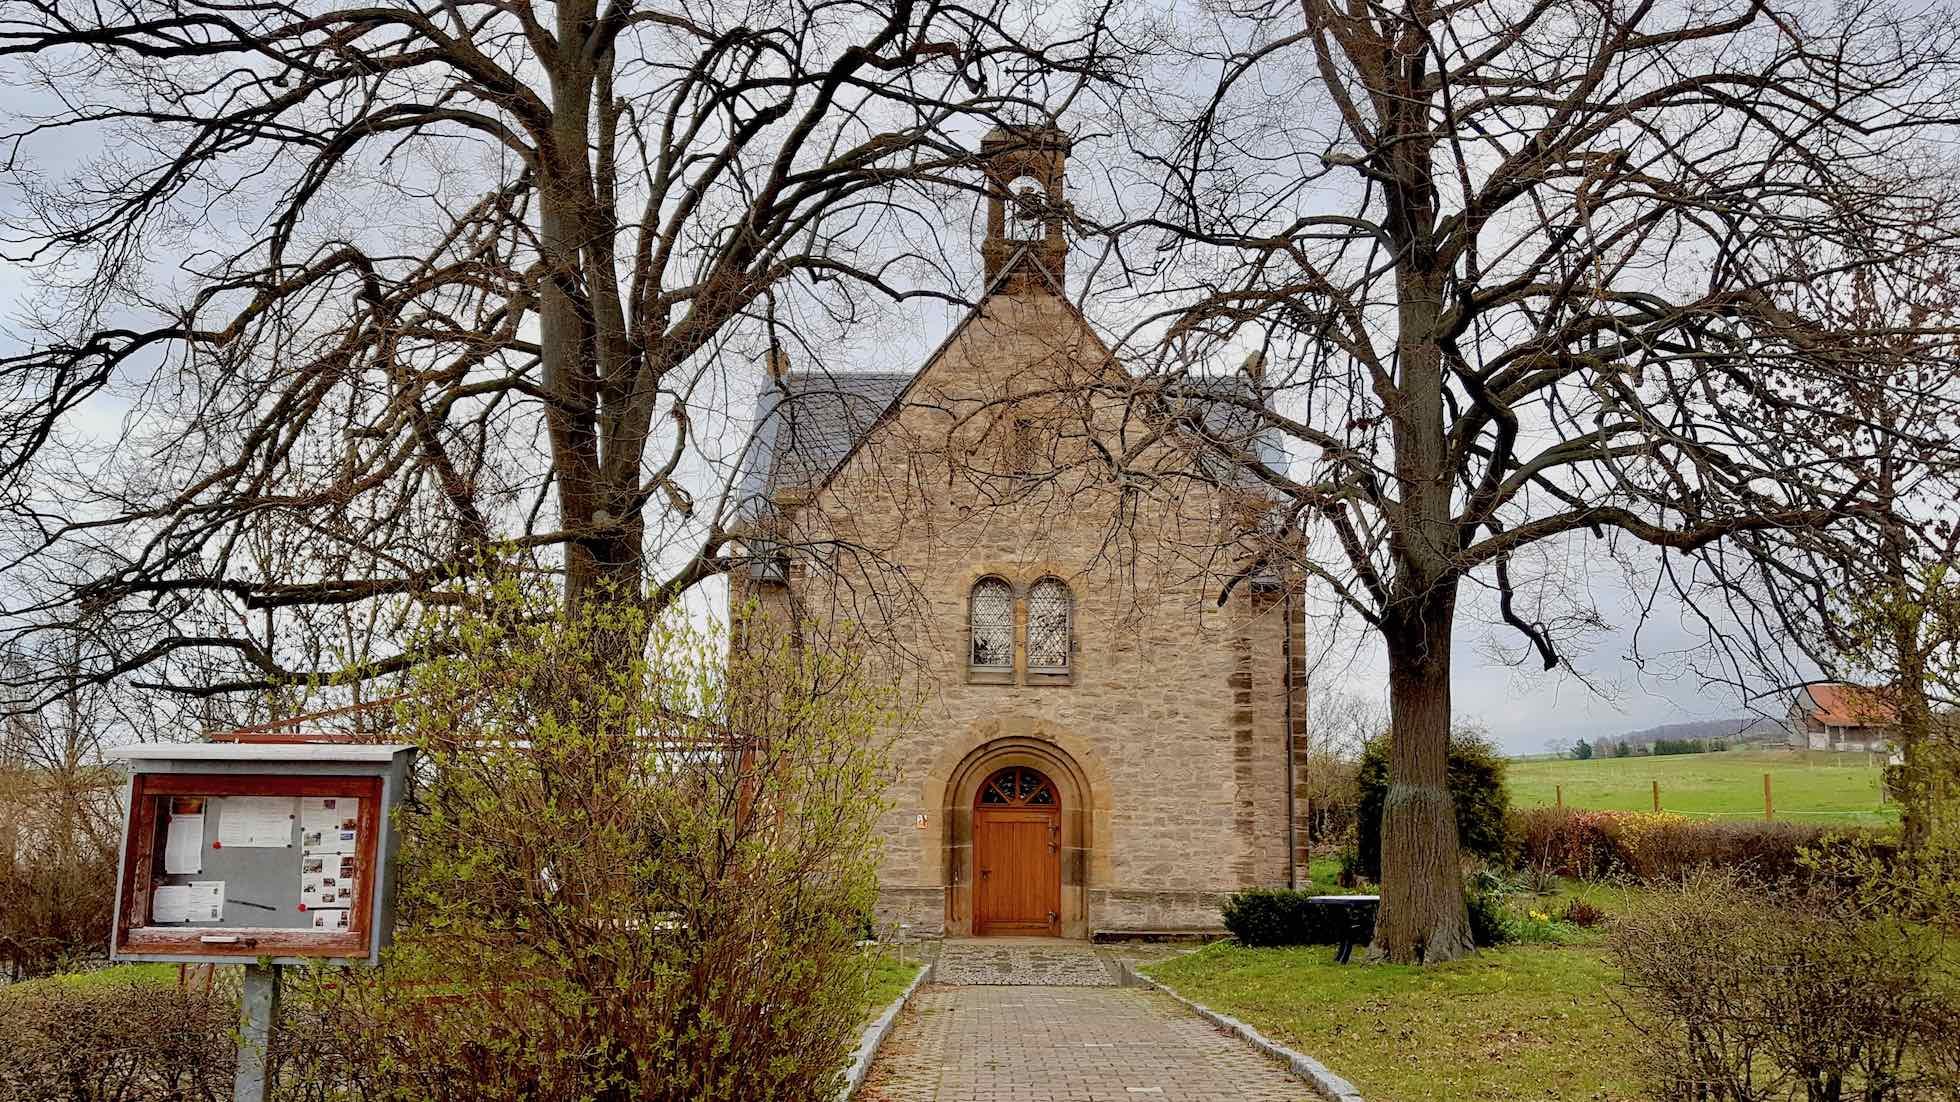 Frontalansicht der Gustav-Adolf-Kapelle in Witterda